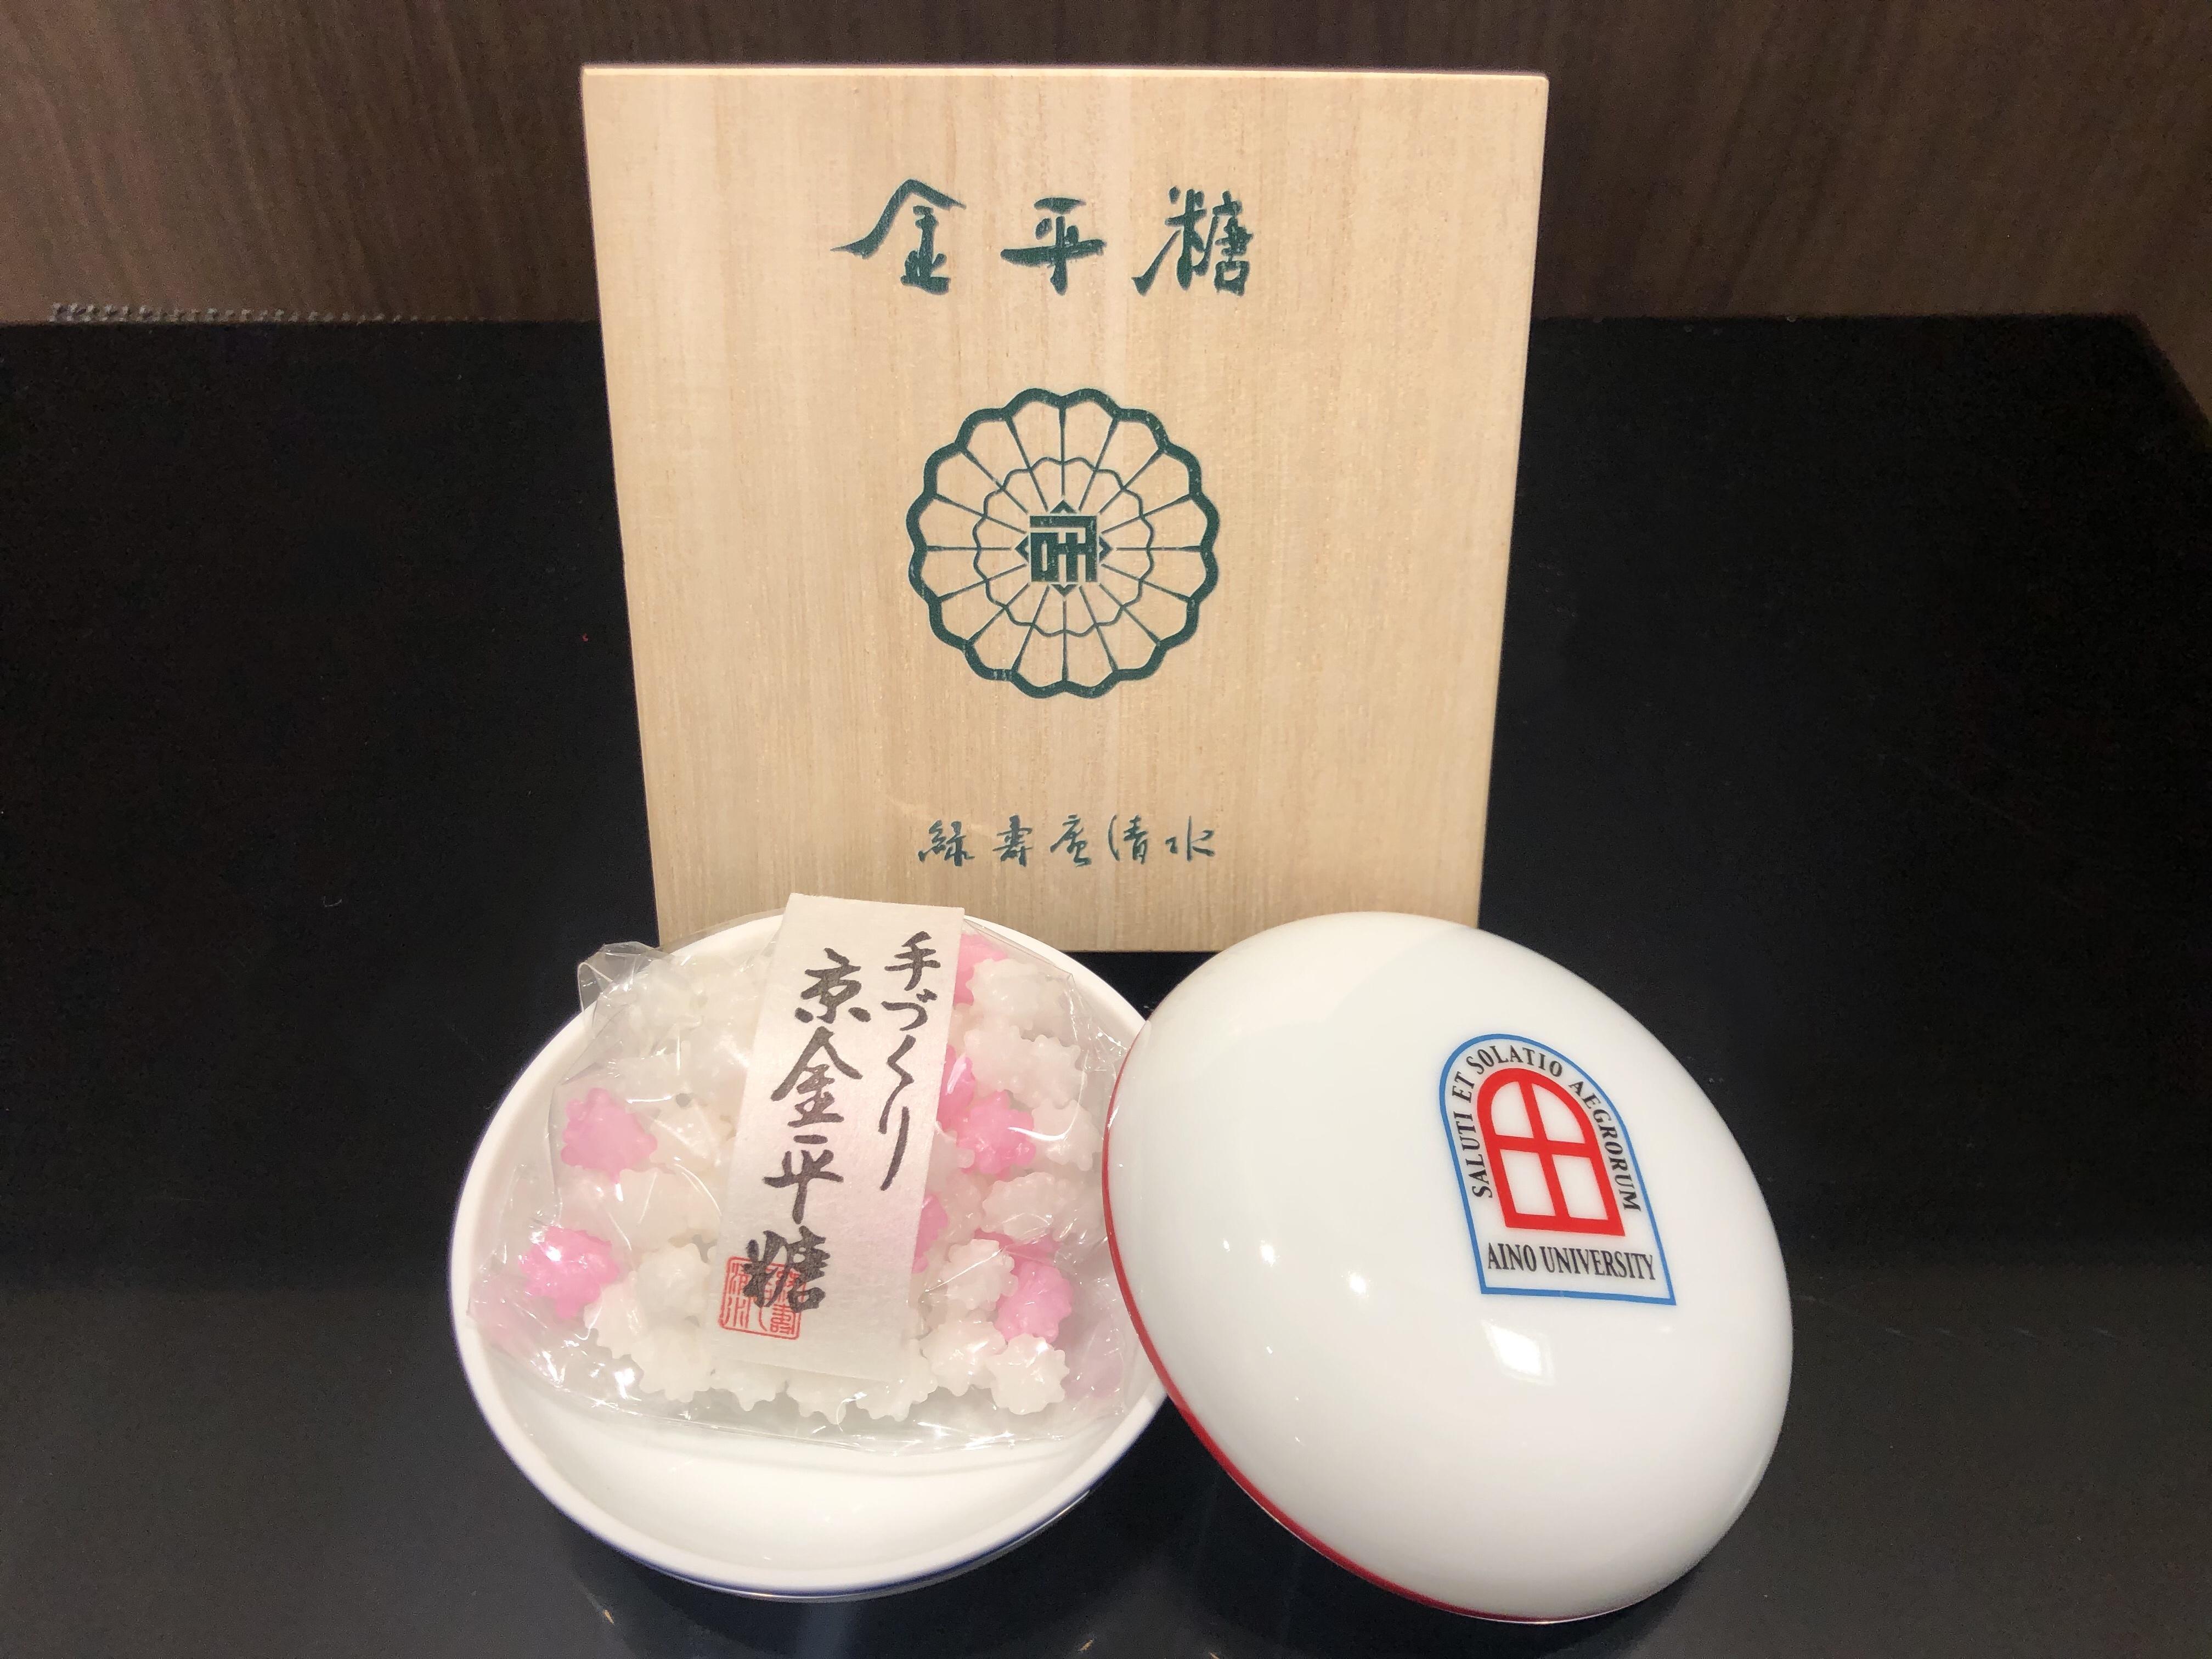 「卒業記念スイーツを制作」 -- 学校法人藍野大学と日本に一軒しかない金平糖専門店「緑寿庵清水」がコラボ